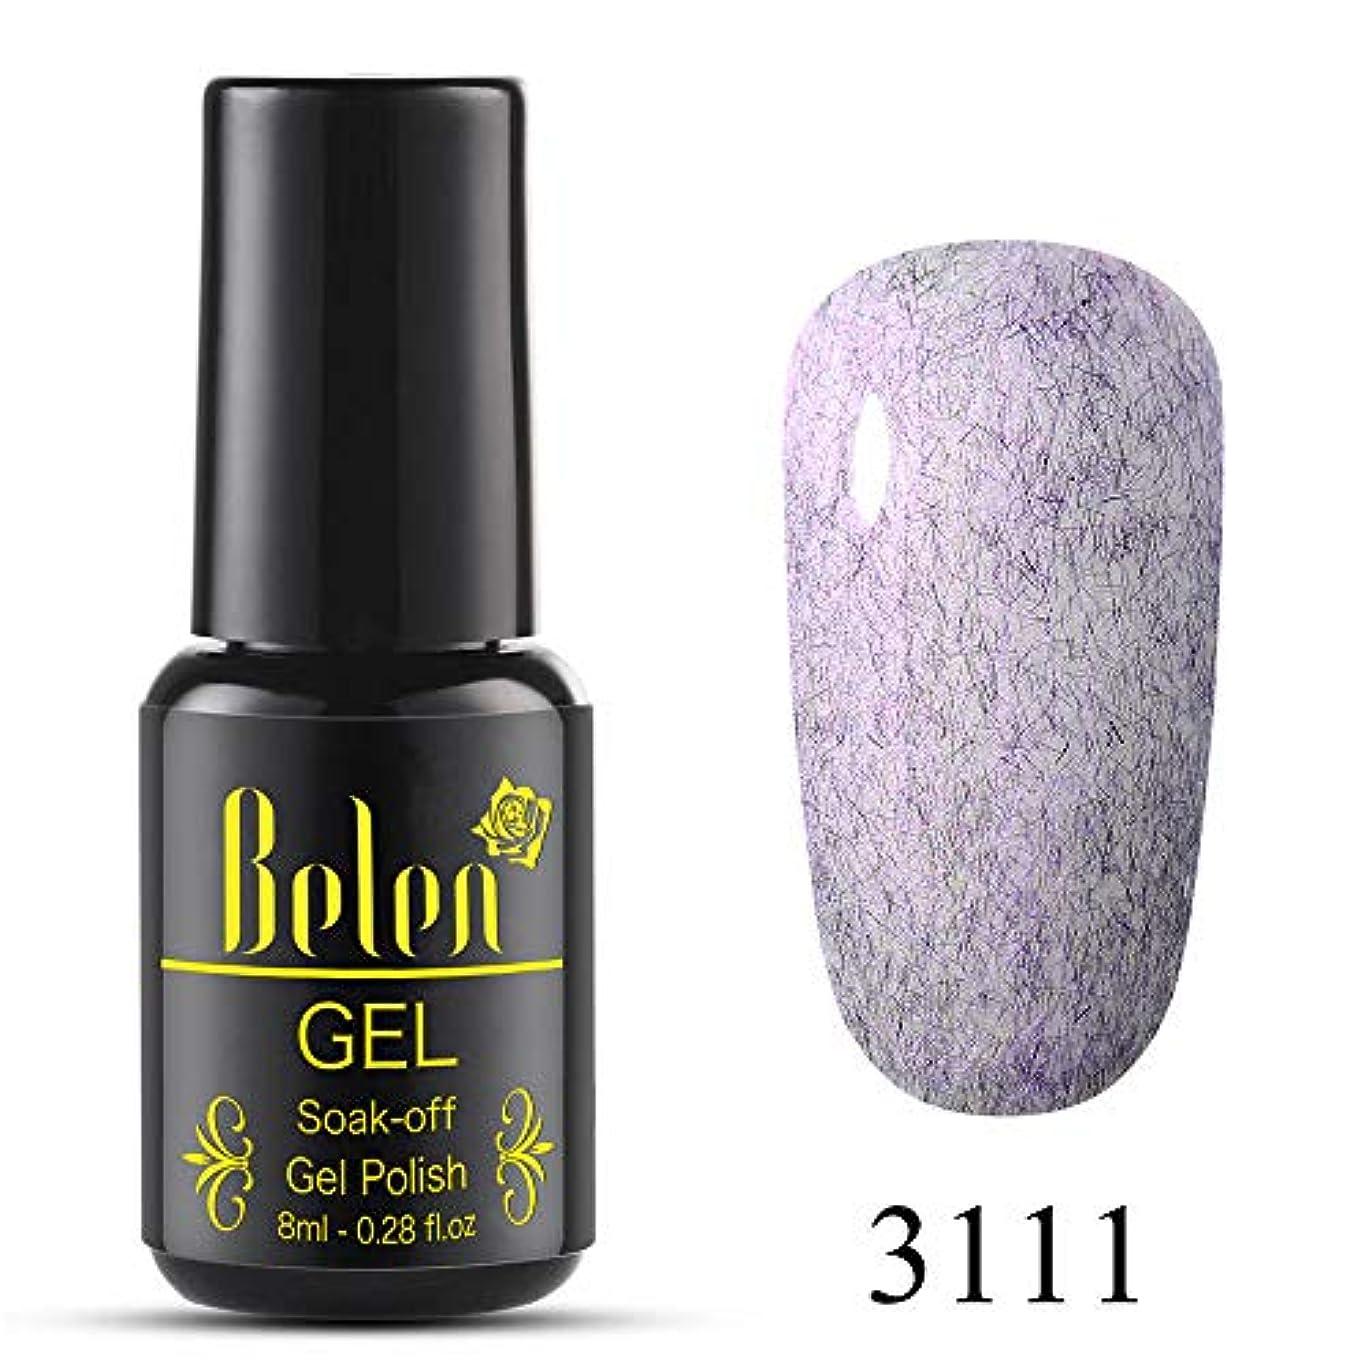 仲良し余計な変動するBelen ジェルネイル カラージェル 貝殻毛皮系 1色入り 8ml【全12色選択可】